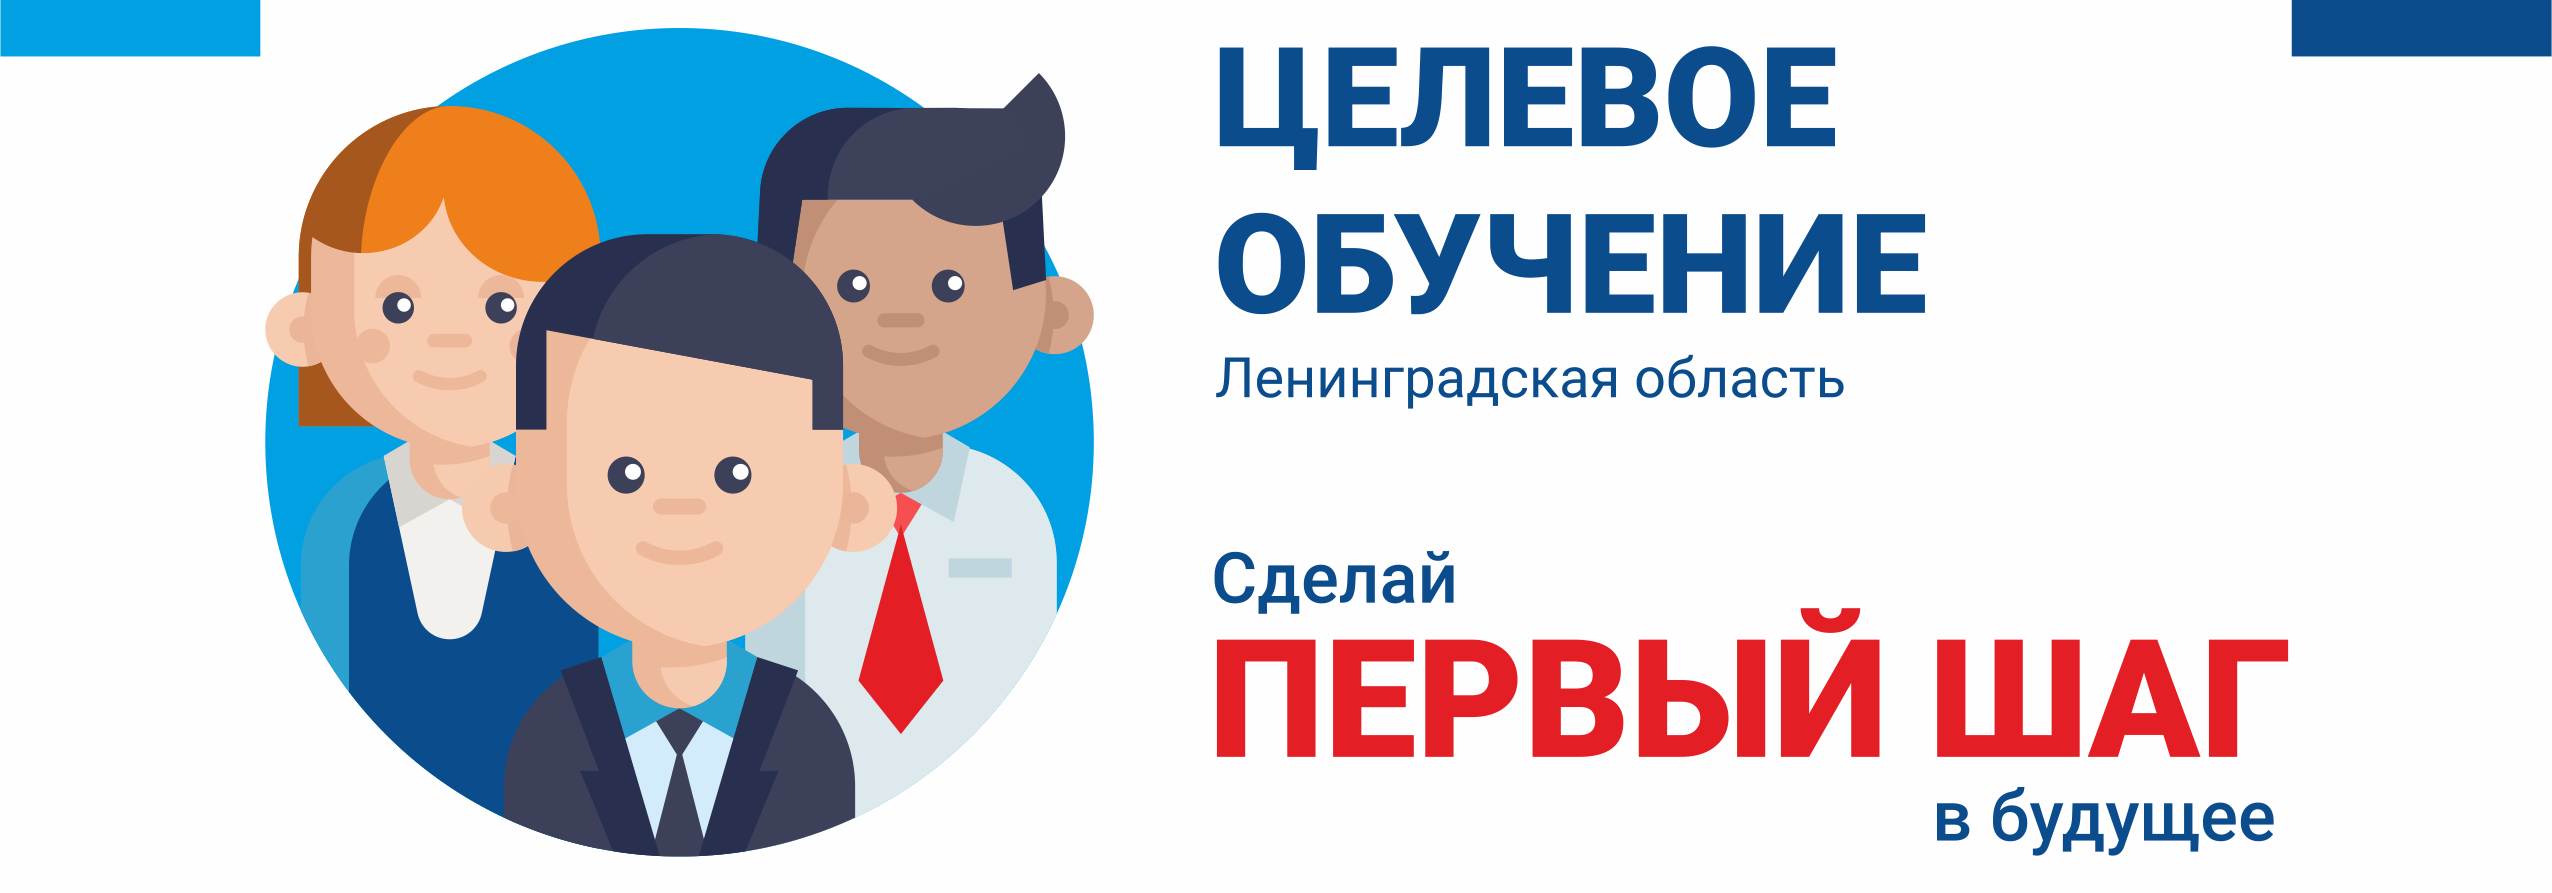 Особенности целевого обучения граждан РФ в 2019 году